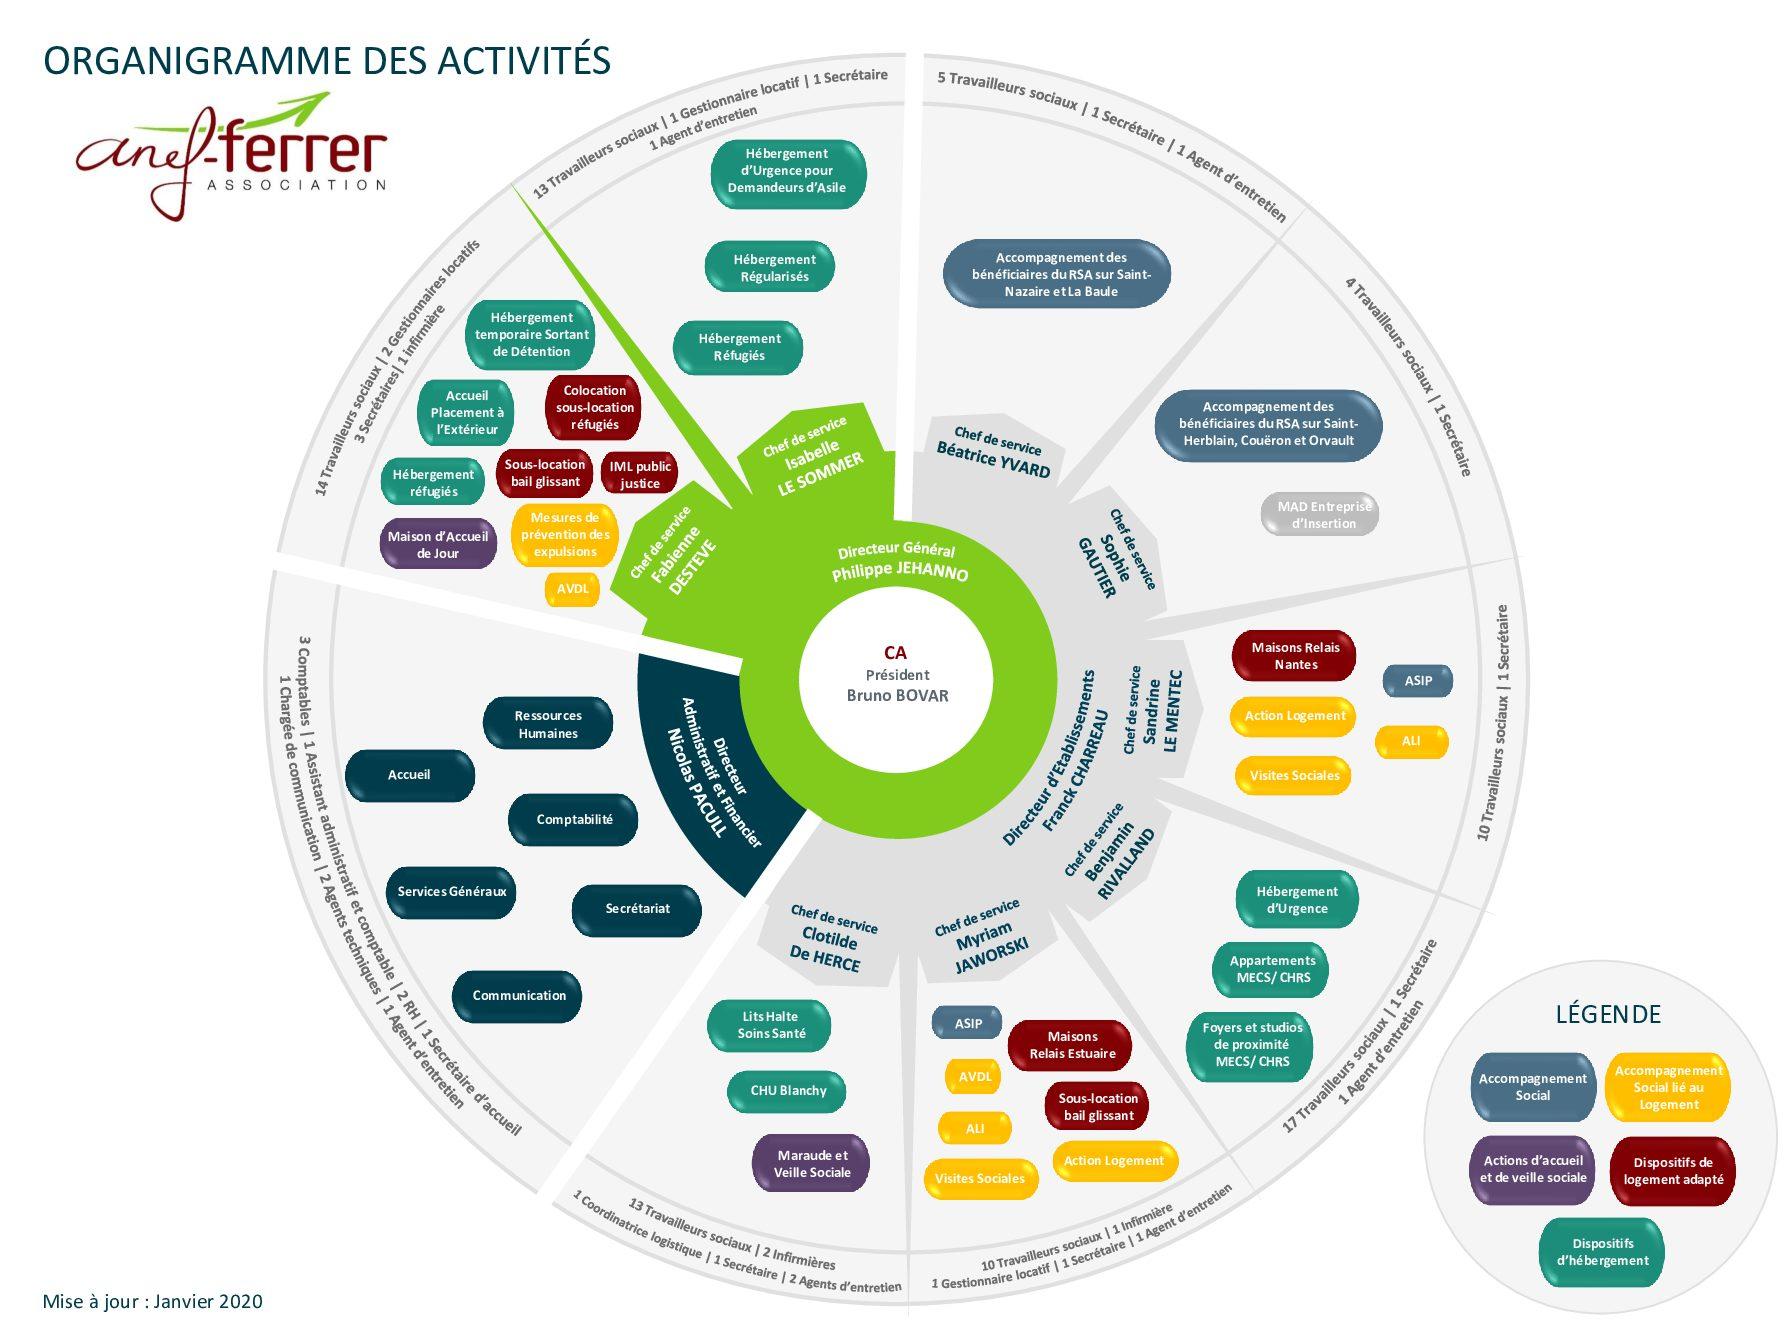 organigramme-des-activits-janvier-2020